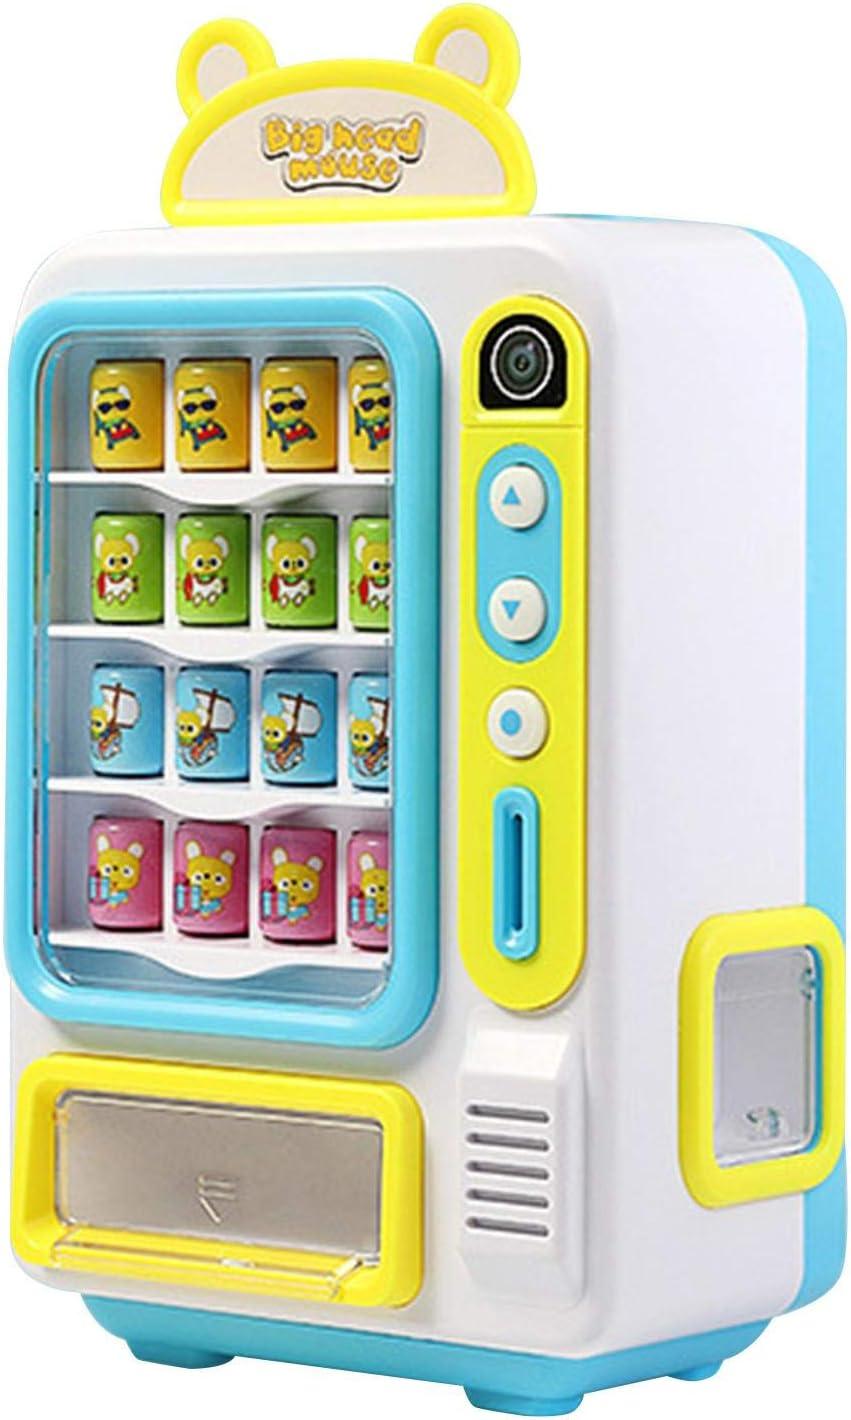 Findema Máquinas expendedoras de autoservicio para niños, máquinas de Bebidas, máquinas de Bebidas electrónicas, pequeñas máquinas expendedoras, Juguetes domésticos